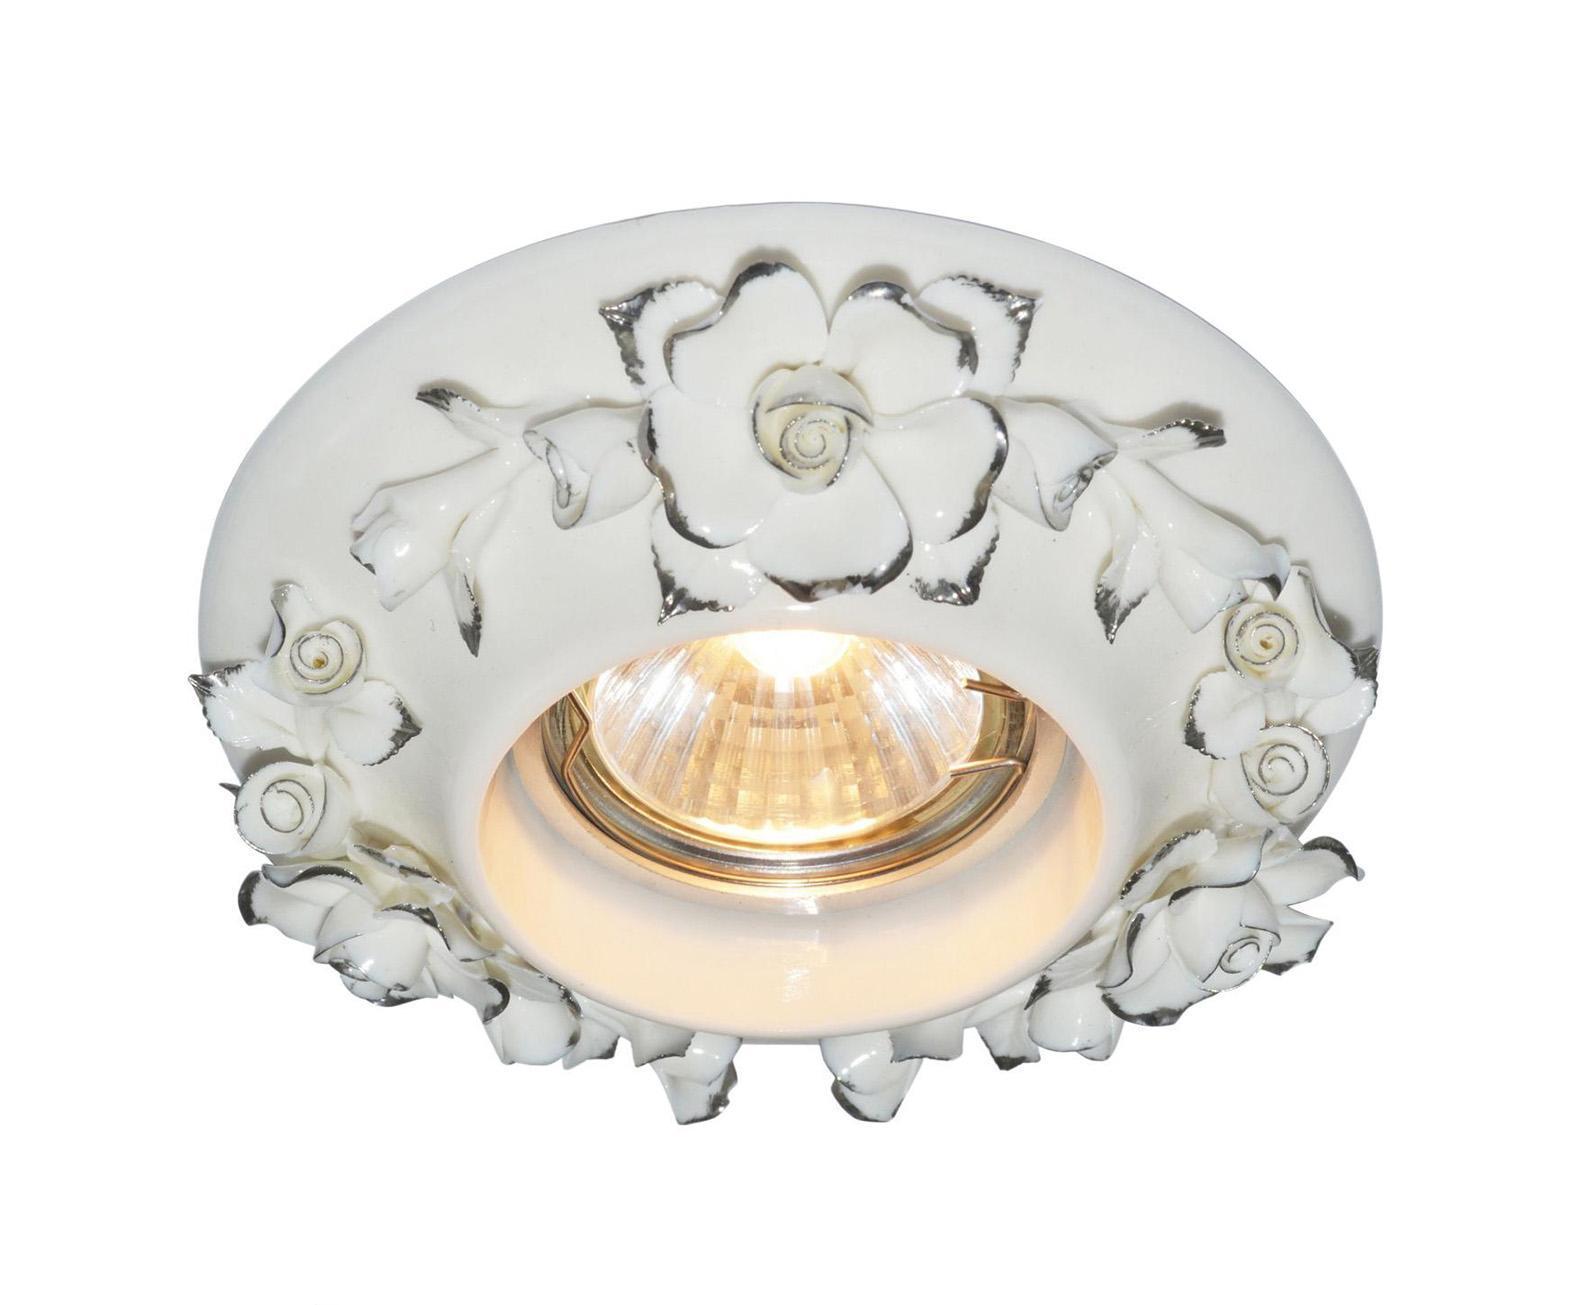 A5260PL-1SA FRAGILE Встраиваемый светильникA5260PL-1SA1x50W; патроны GU10 и G5,3 в комплекте Материал: Арматура: КерамикаРазмер: 120x120x55Цвет: Античное серебро